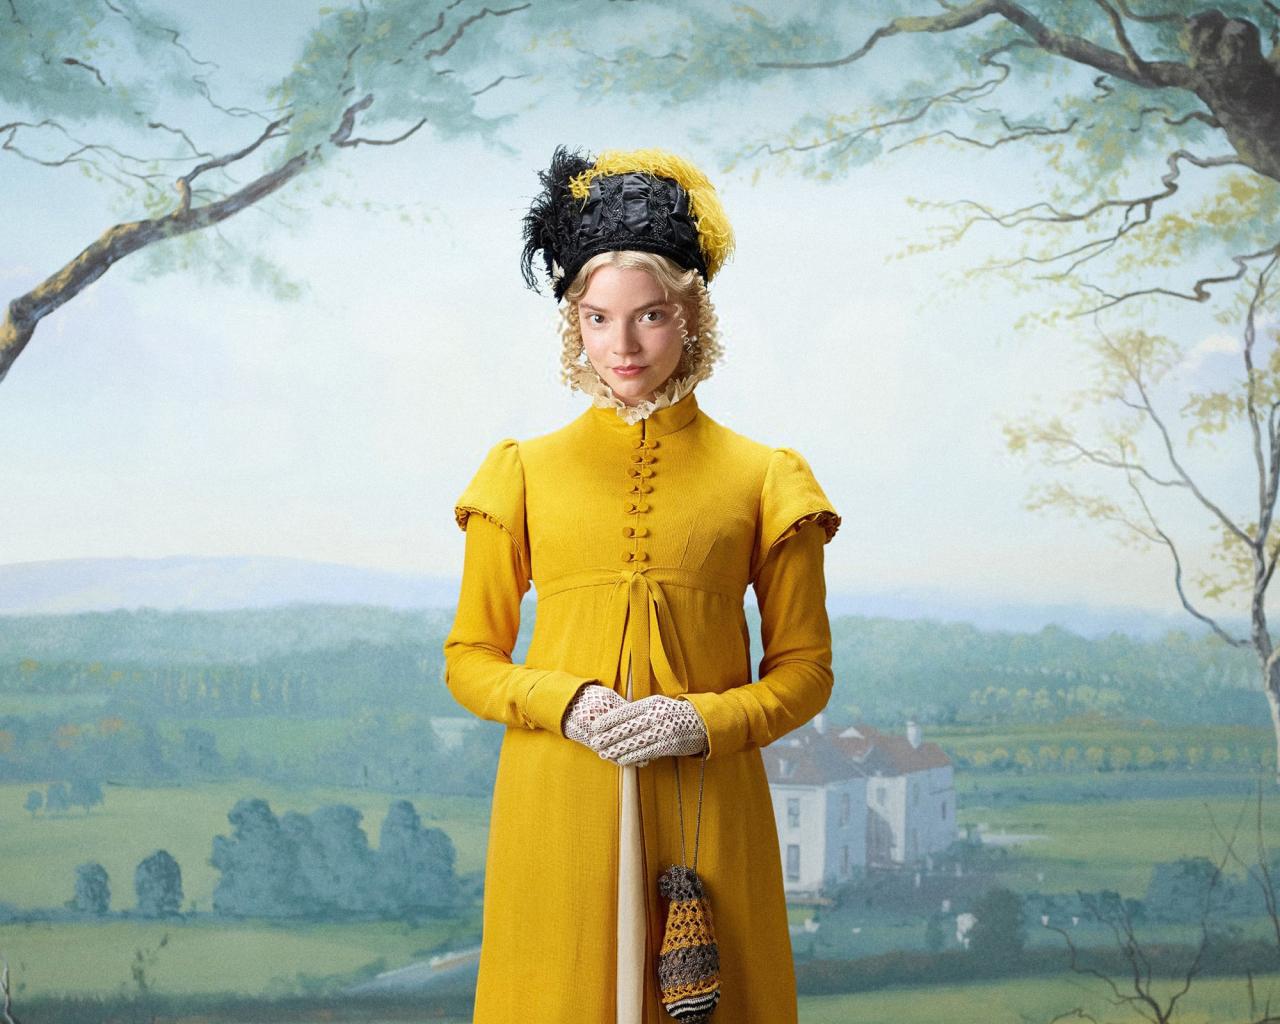 1280x1024 Emma 2020 Movie 1280x1024 Resolution Wallpaper HD 1280x1024